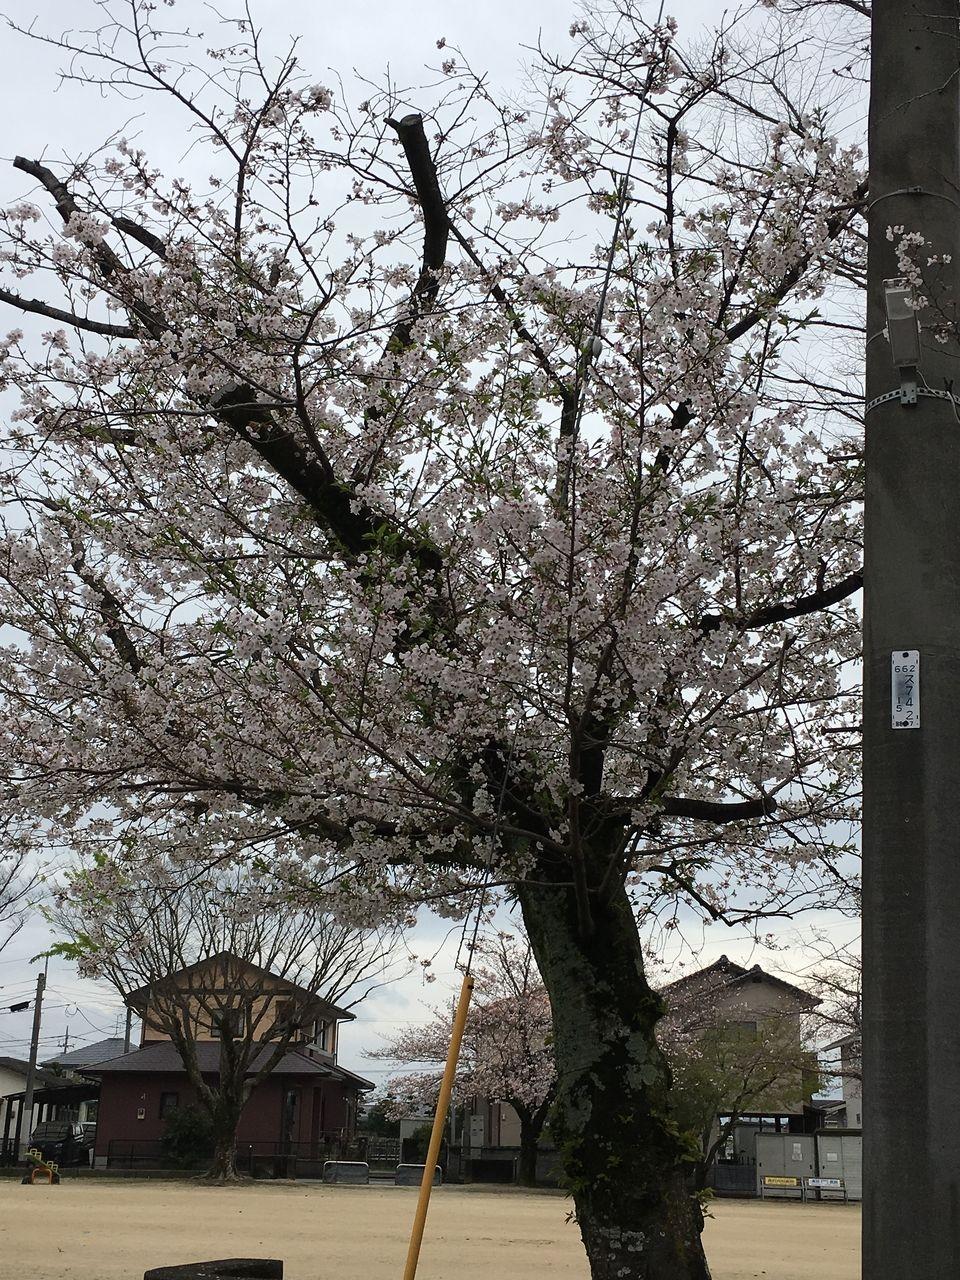 日々変わる桜木が毎日楽しみです。桜木の変化に自然の営みの偉大さを感じると共に、日々に新た・日々に新たとなるよう成長していくようにと自然から激励されているようで、観ているだけで元気をいただきま…